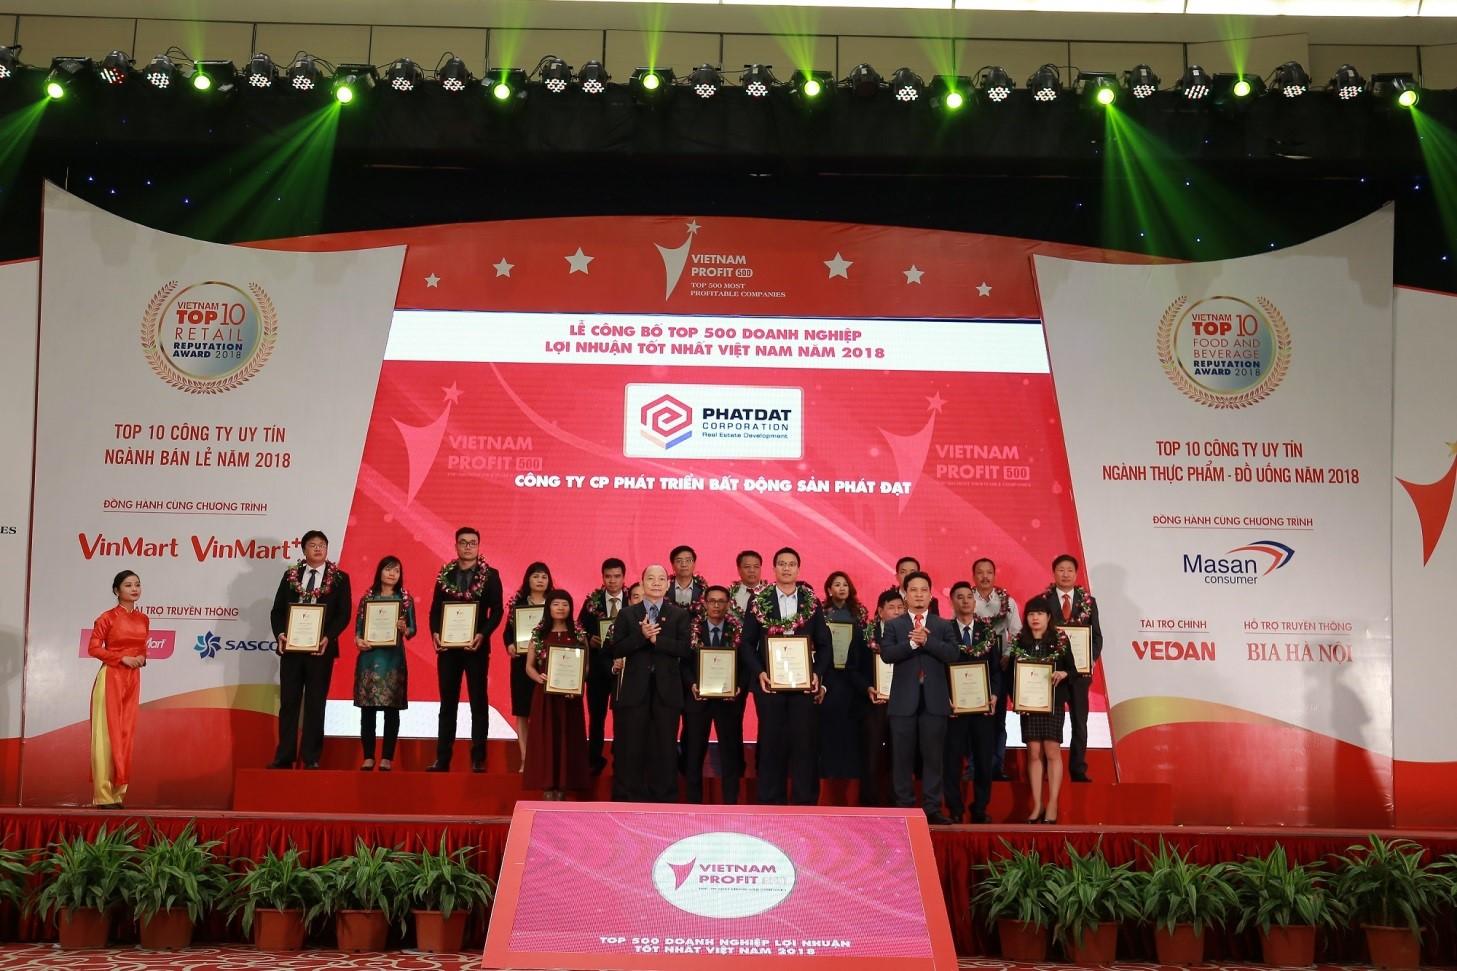 Phát Đạt nằm trong Top 500 doanh nghiệp lợi nhuận tốt nhất Việt Nam 2018